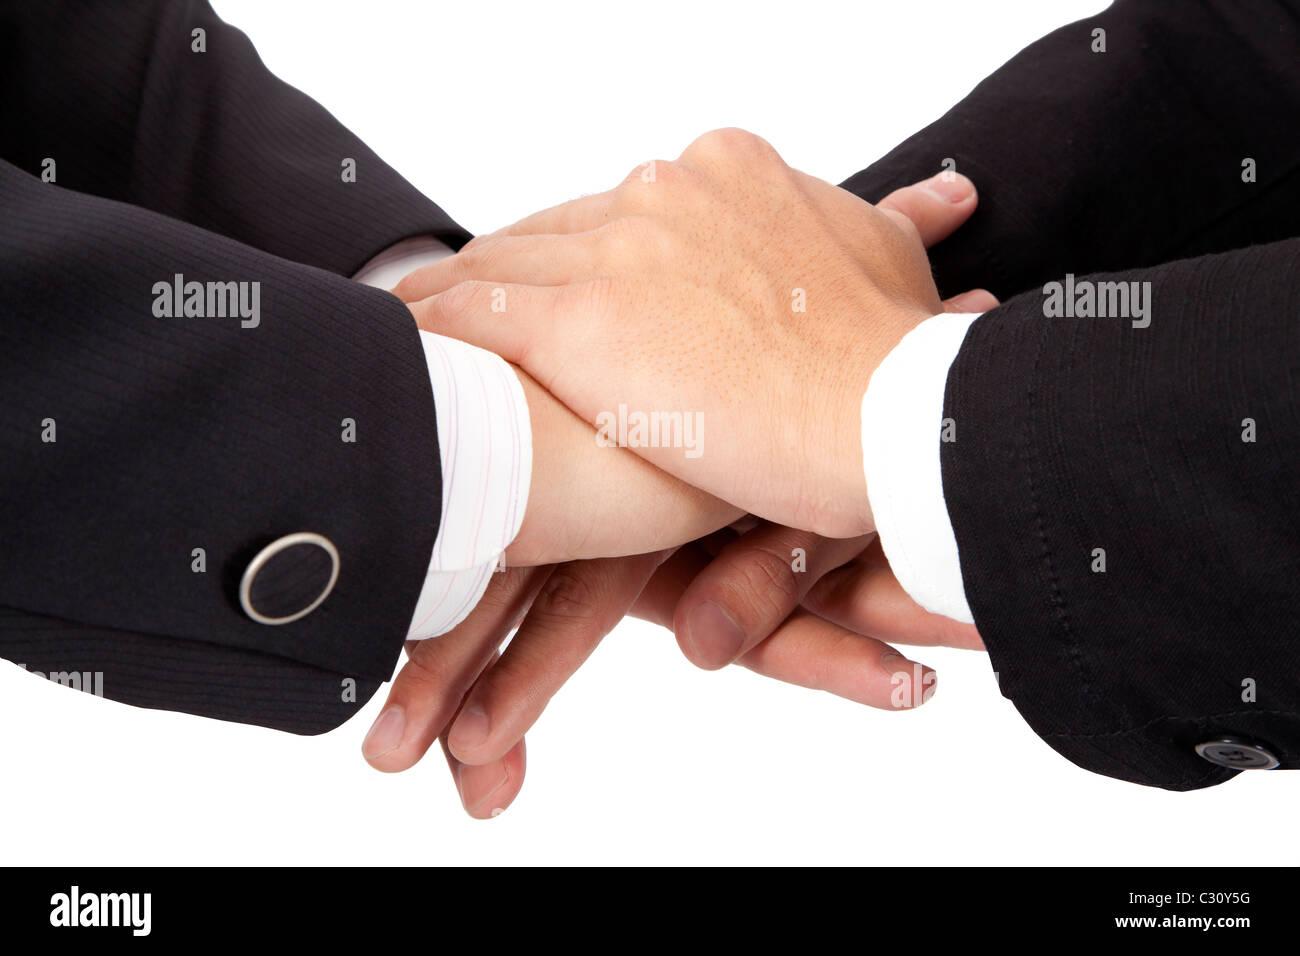 La confianza y la cooperación concepto. Apila las manos del empresario Imagen De Stock